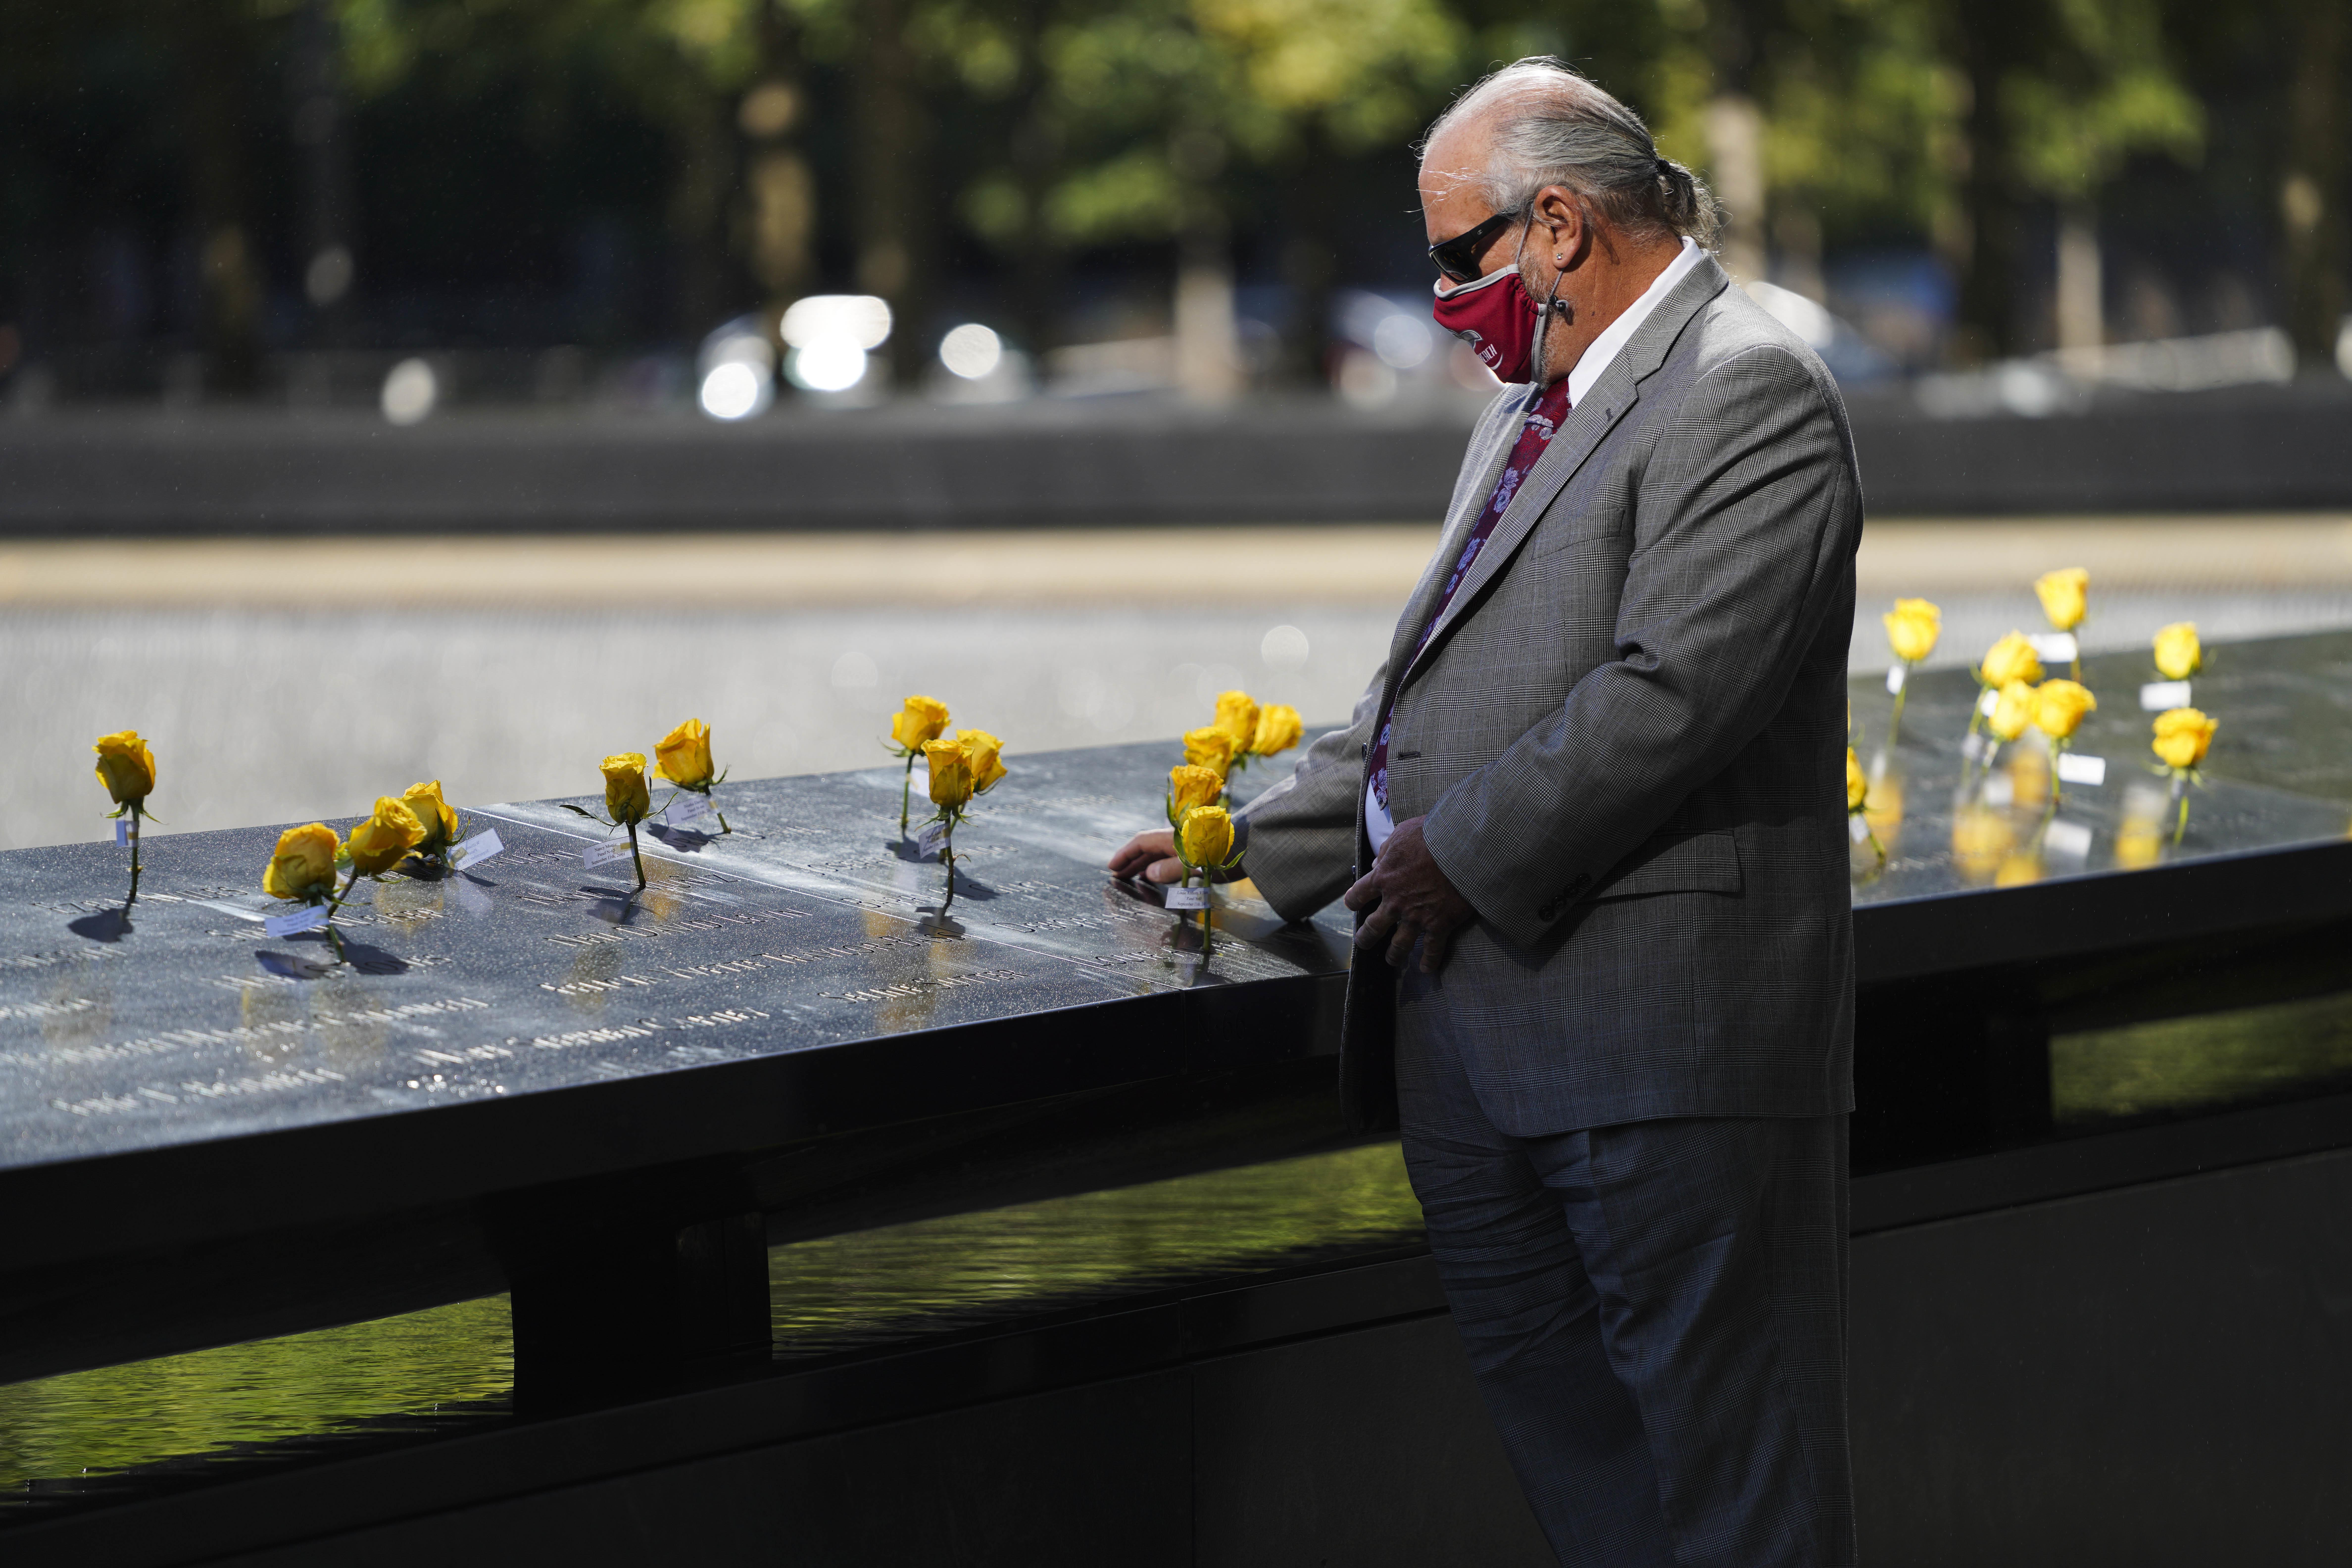 Președintele Joe Biden va fi prezent la locurile atentatelor din 11 septembrie. Drapelul SUA va fi arborat în bernă